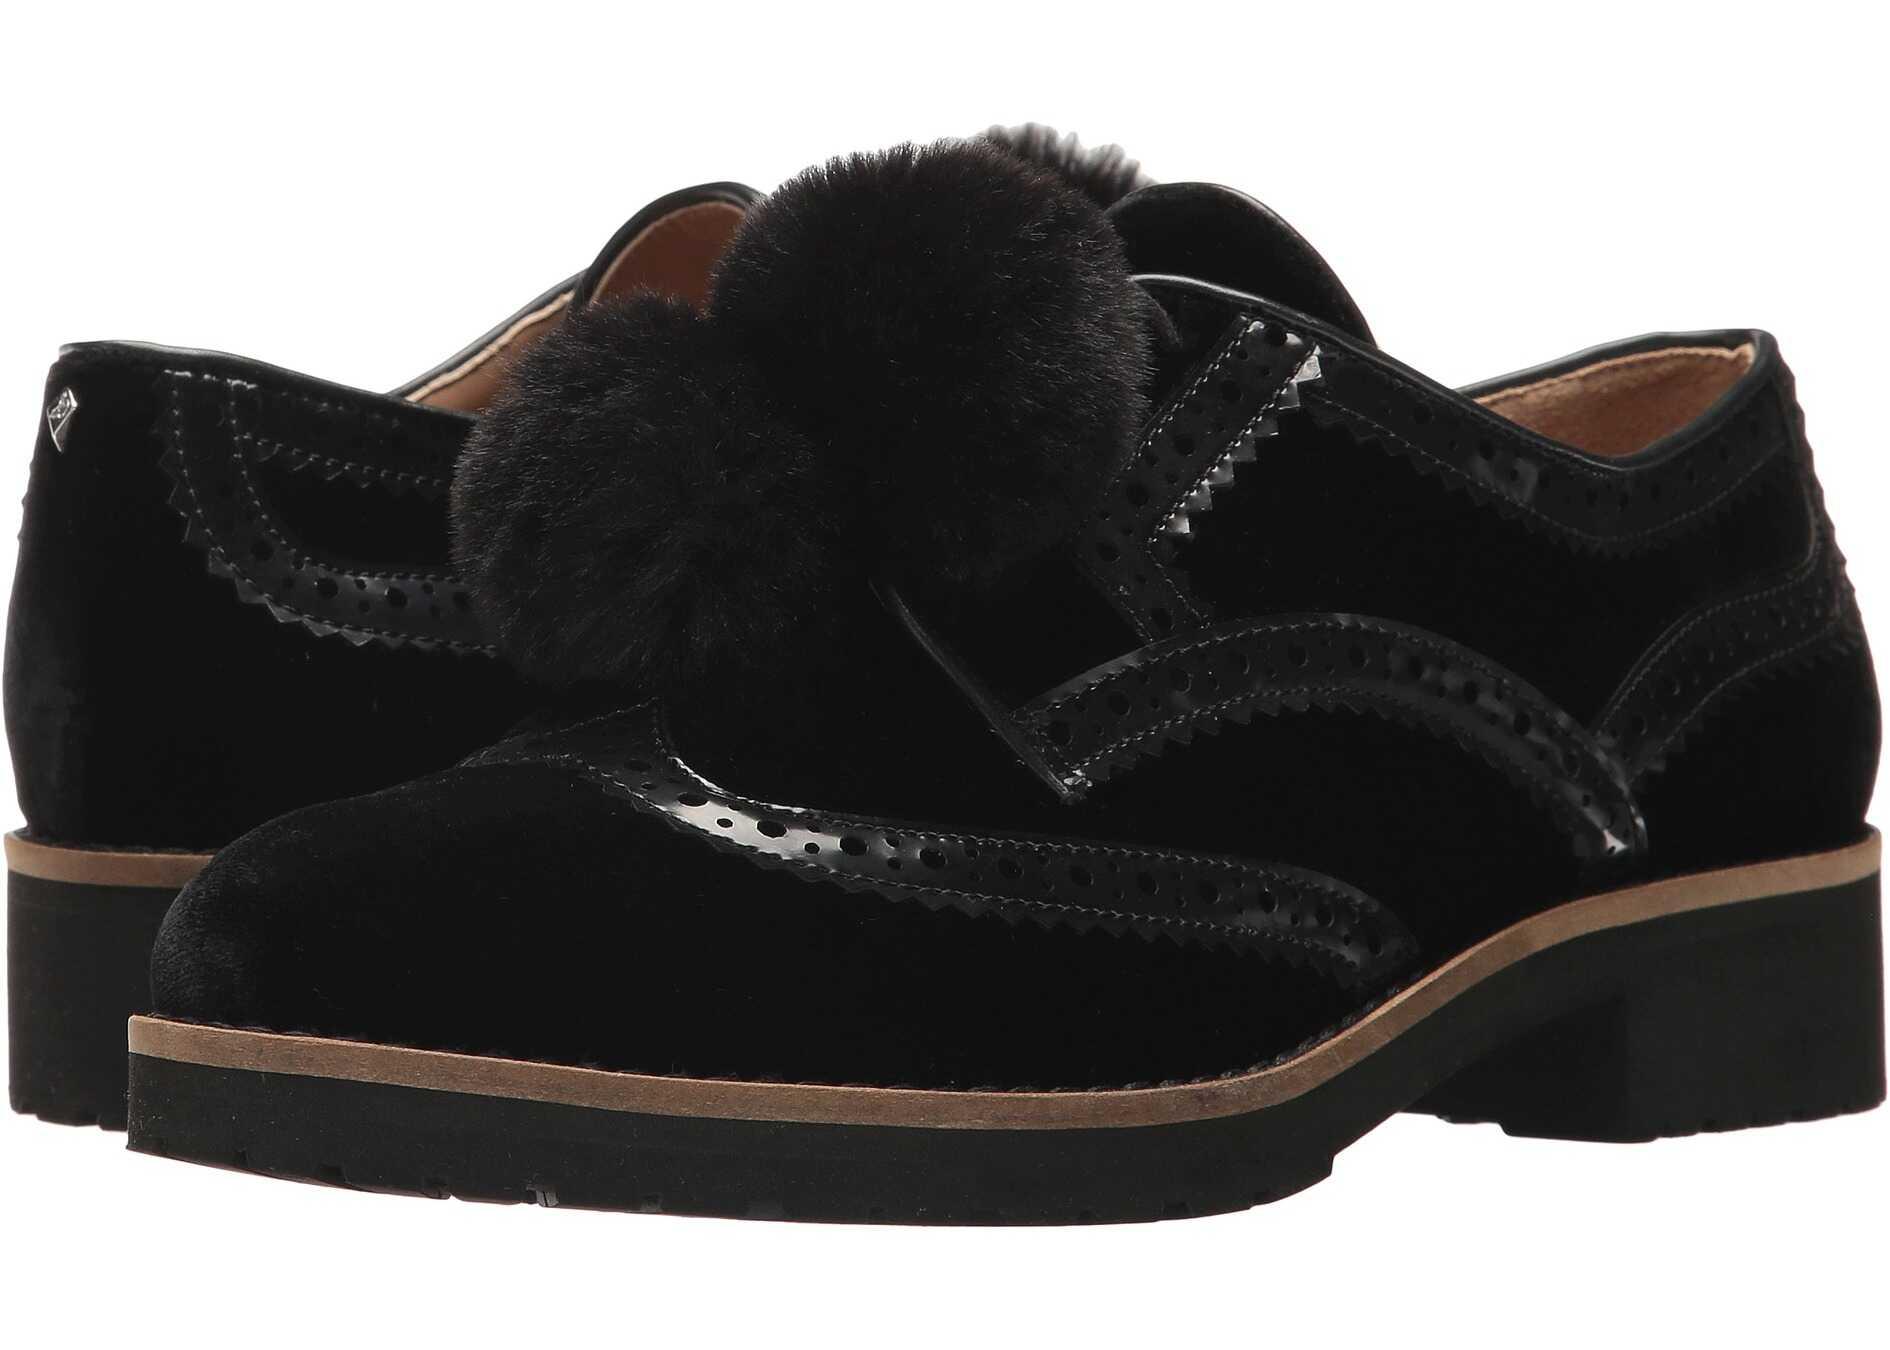 Sam Edelman Dahl Black Silky Velvet/Brush-Off Box Leather